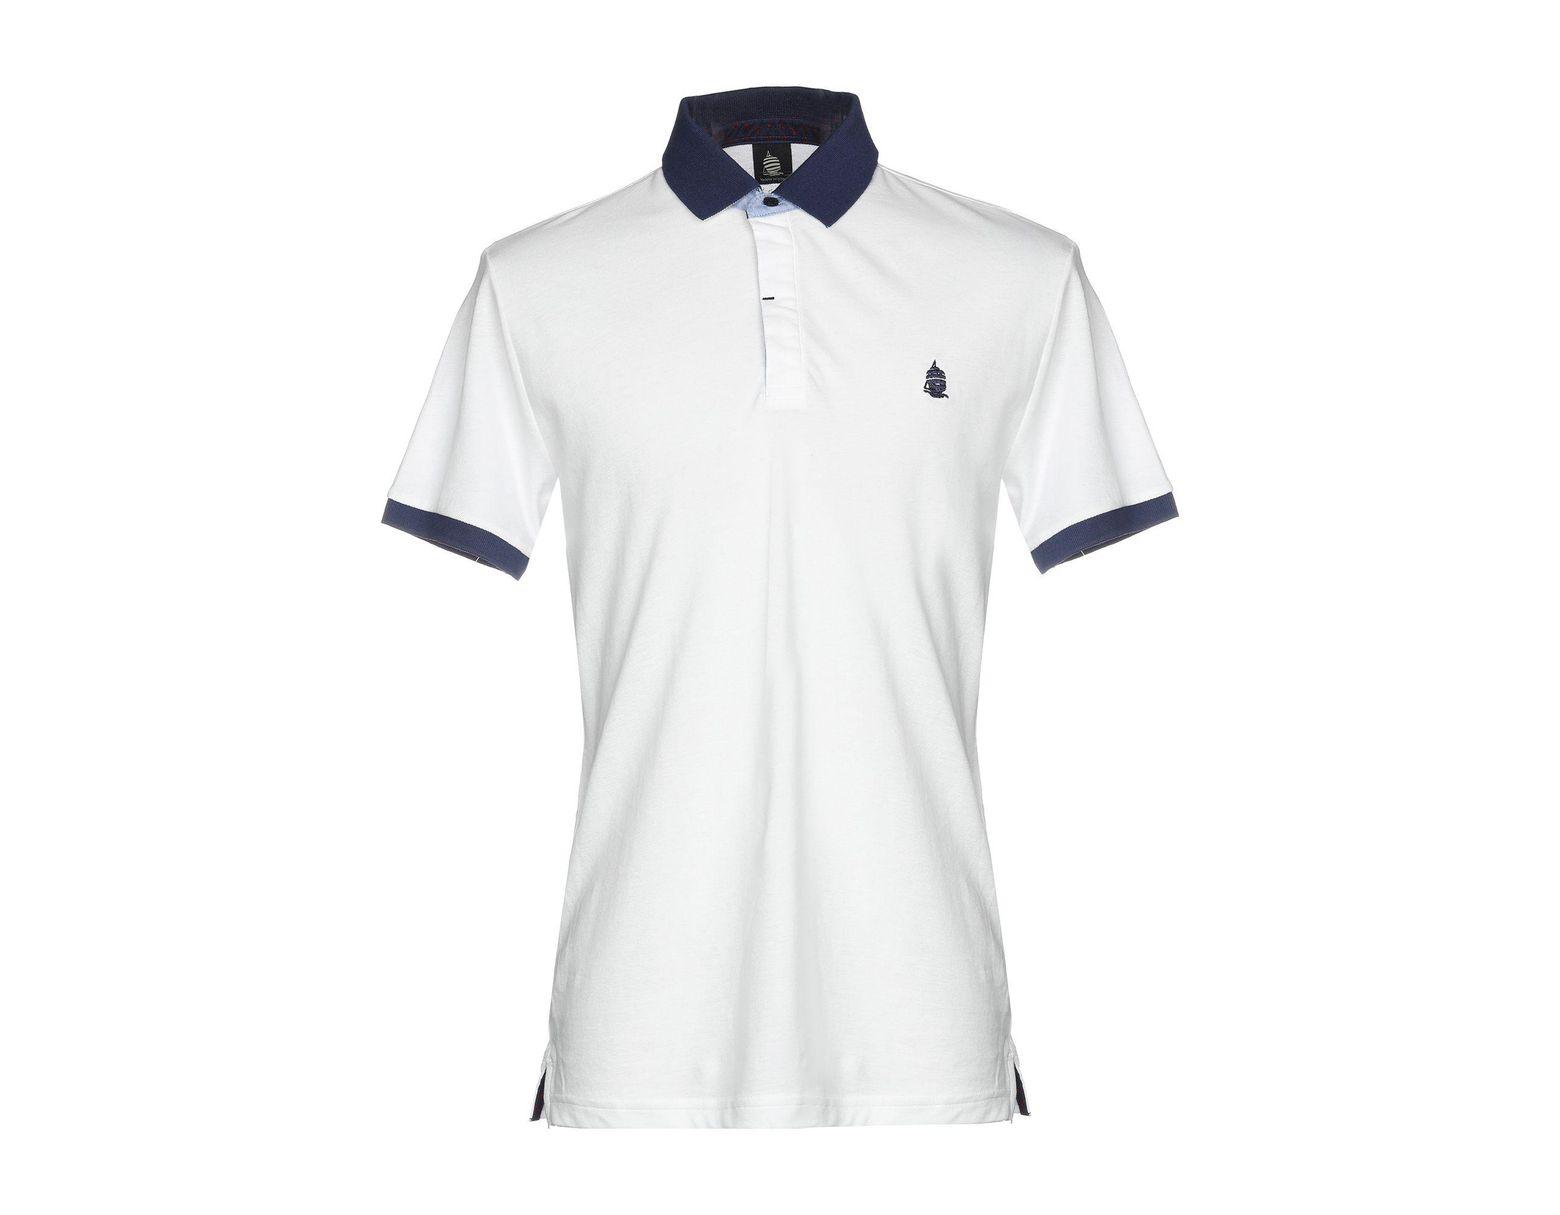 promo code 5a4cd f299d Men's White Polo Shirt